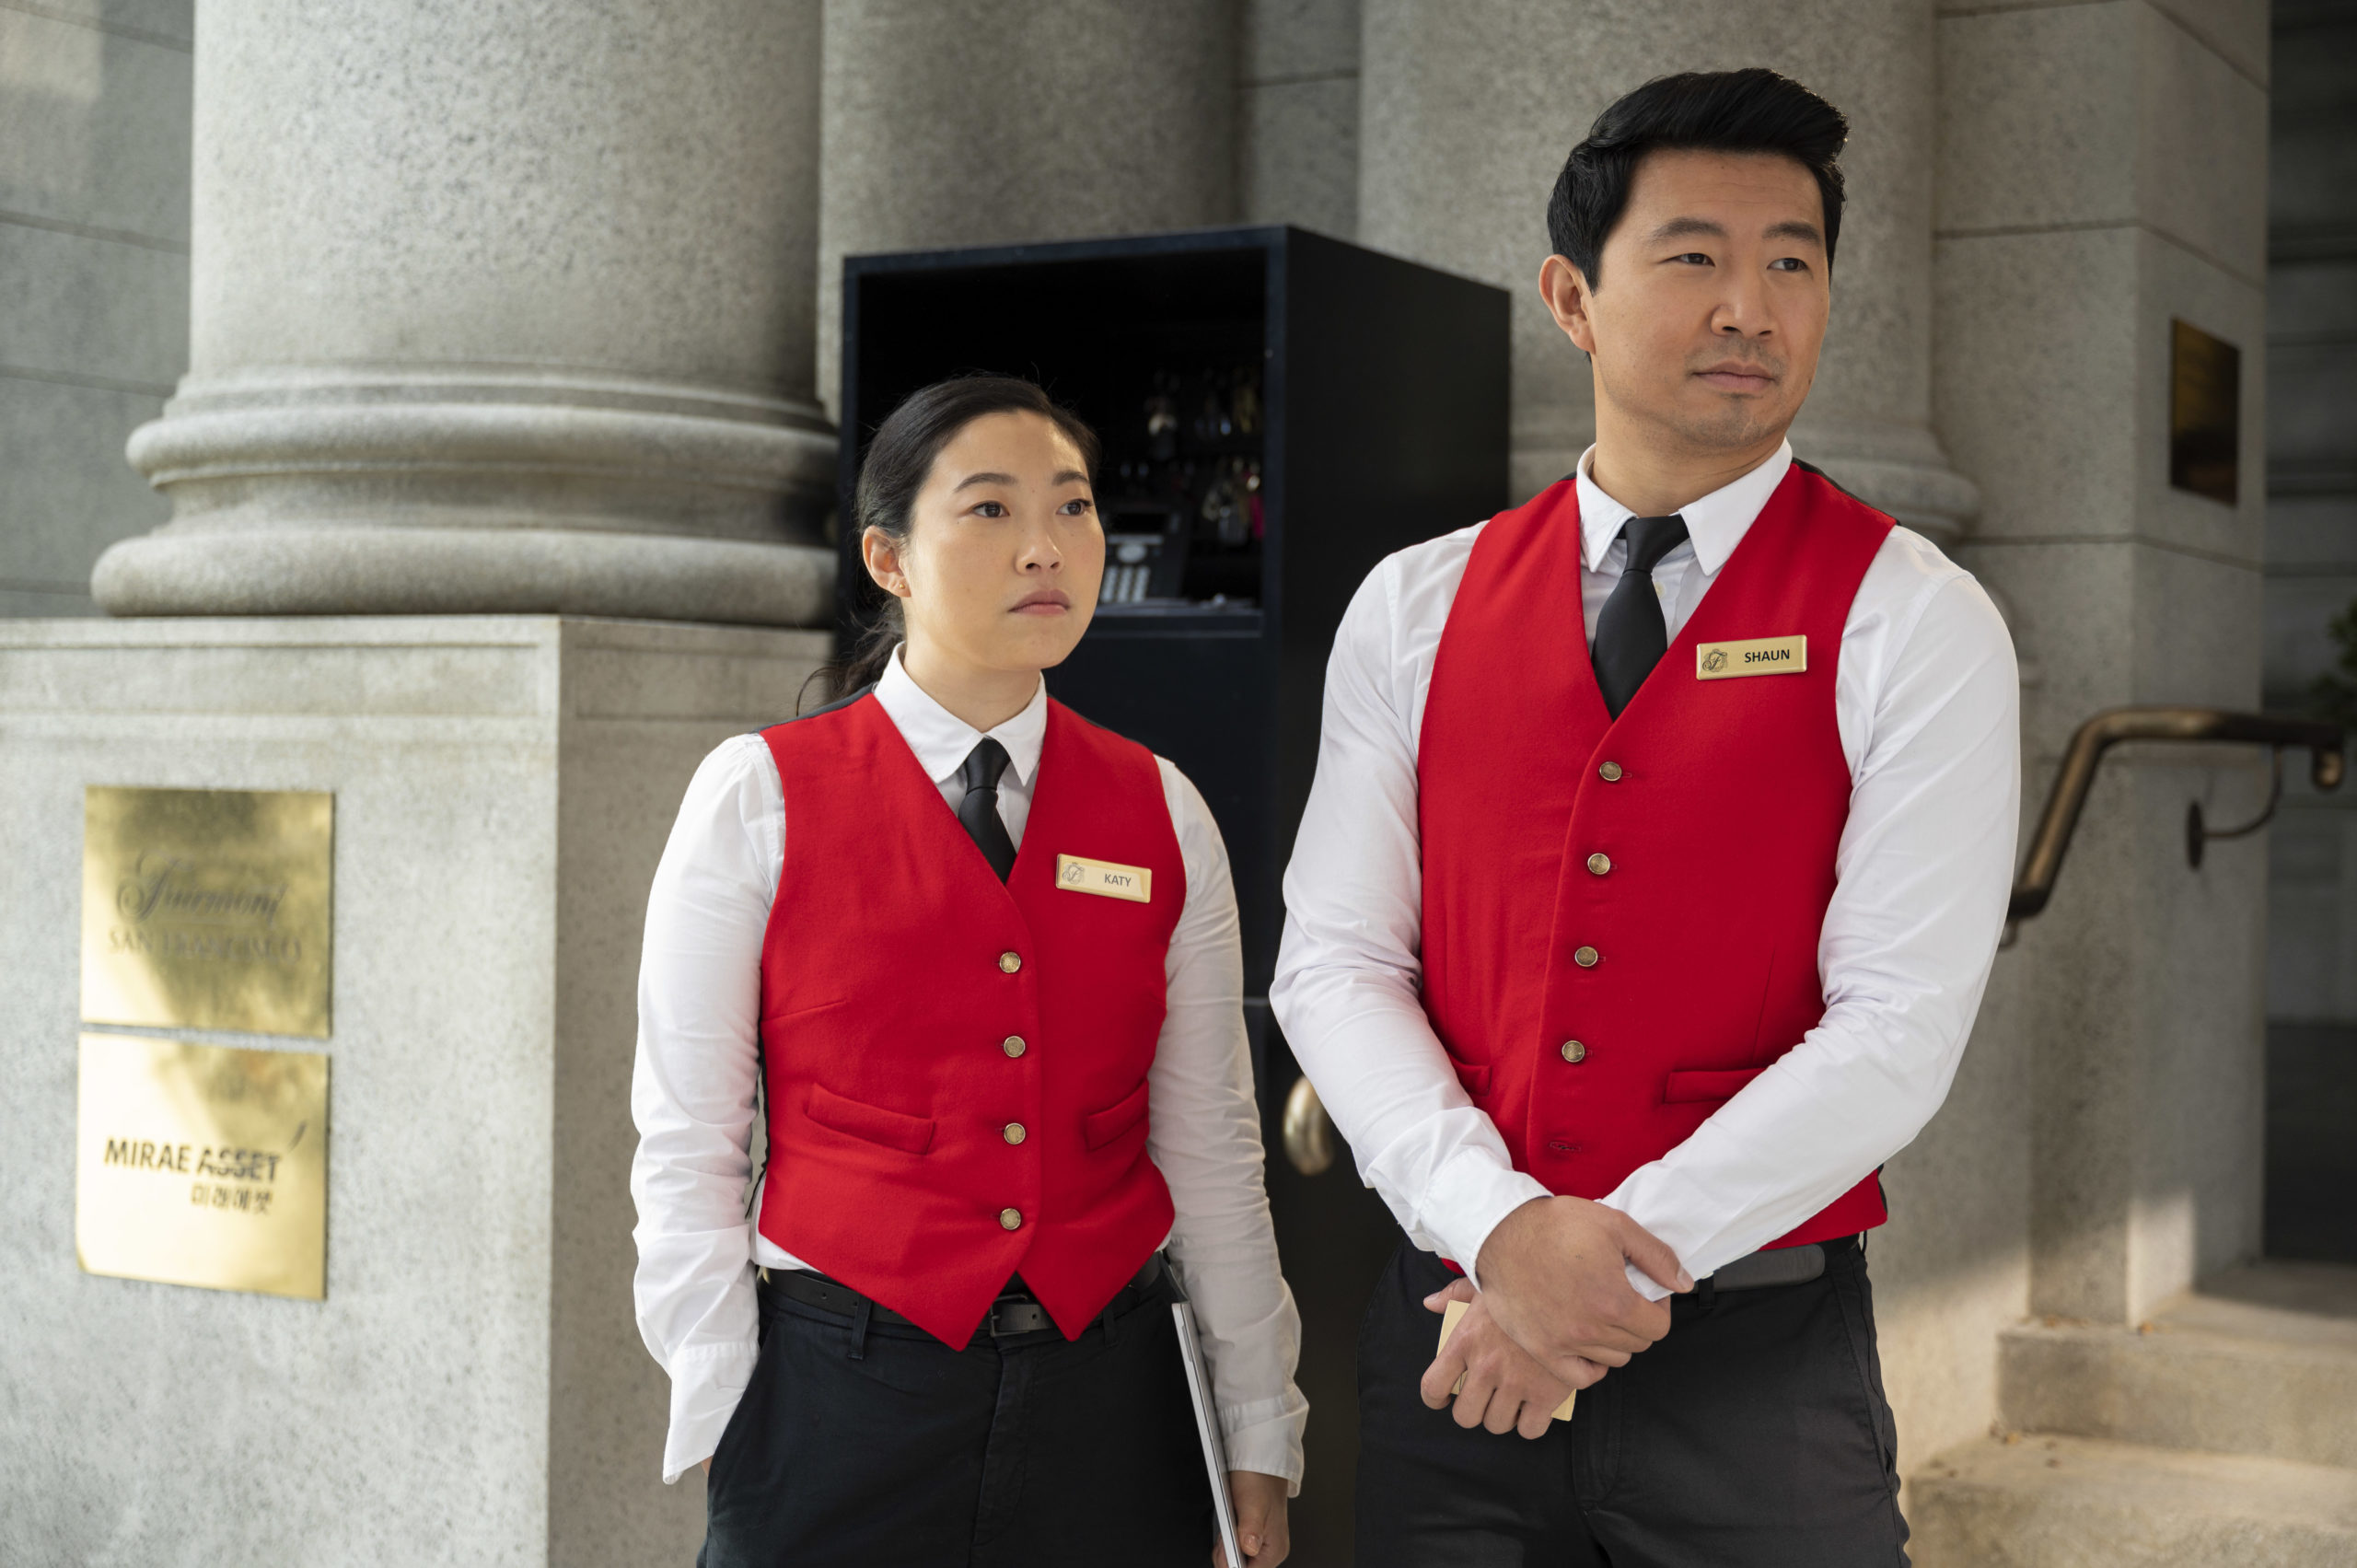 Les scènes mettant en scène Simu Liu et Awkwafina sont parmi les plus hilarantes du film